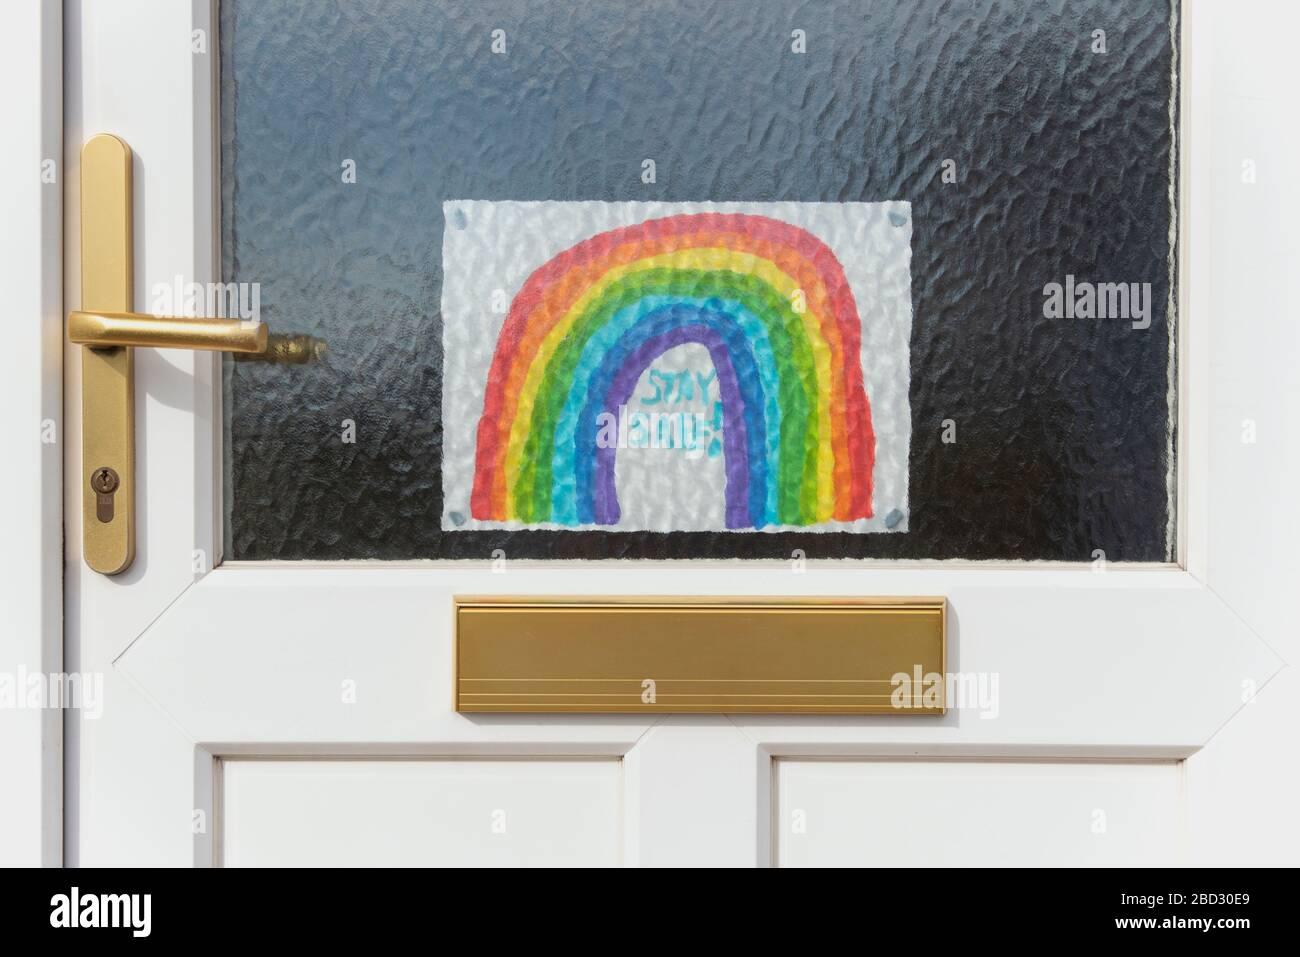 Dibujo de un arco iris pegado a una puerta principal durante la pandemia de Covid-19 de 2020, alentando a la gente a permanecer segura permaneciendo en casa, por Anna Anderson Foto de stock